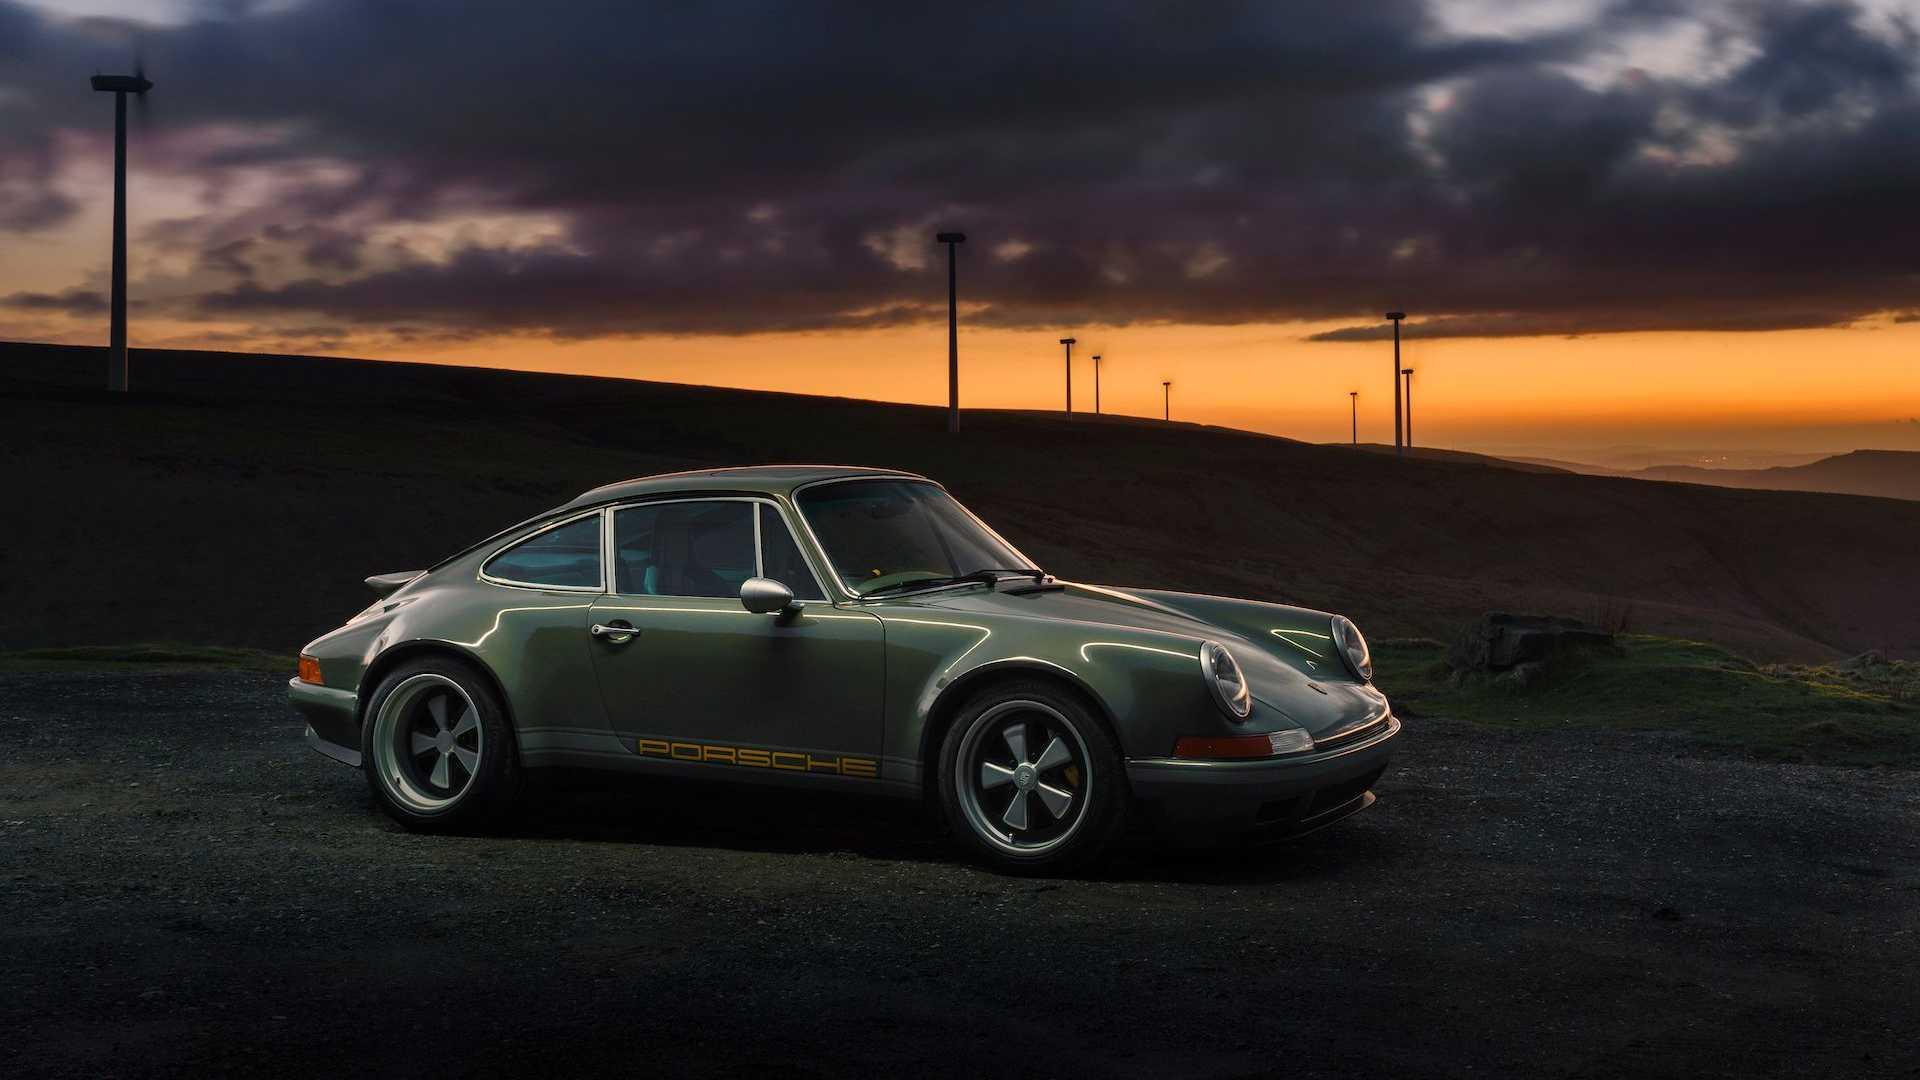 Theon-Design-HK002-Porsche-911-44